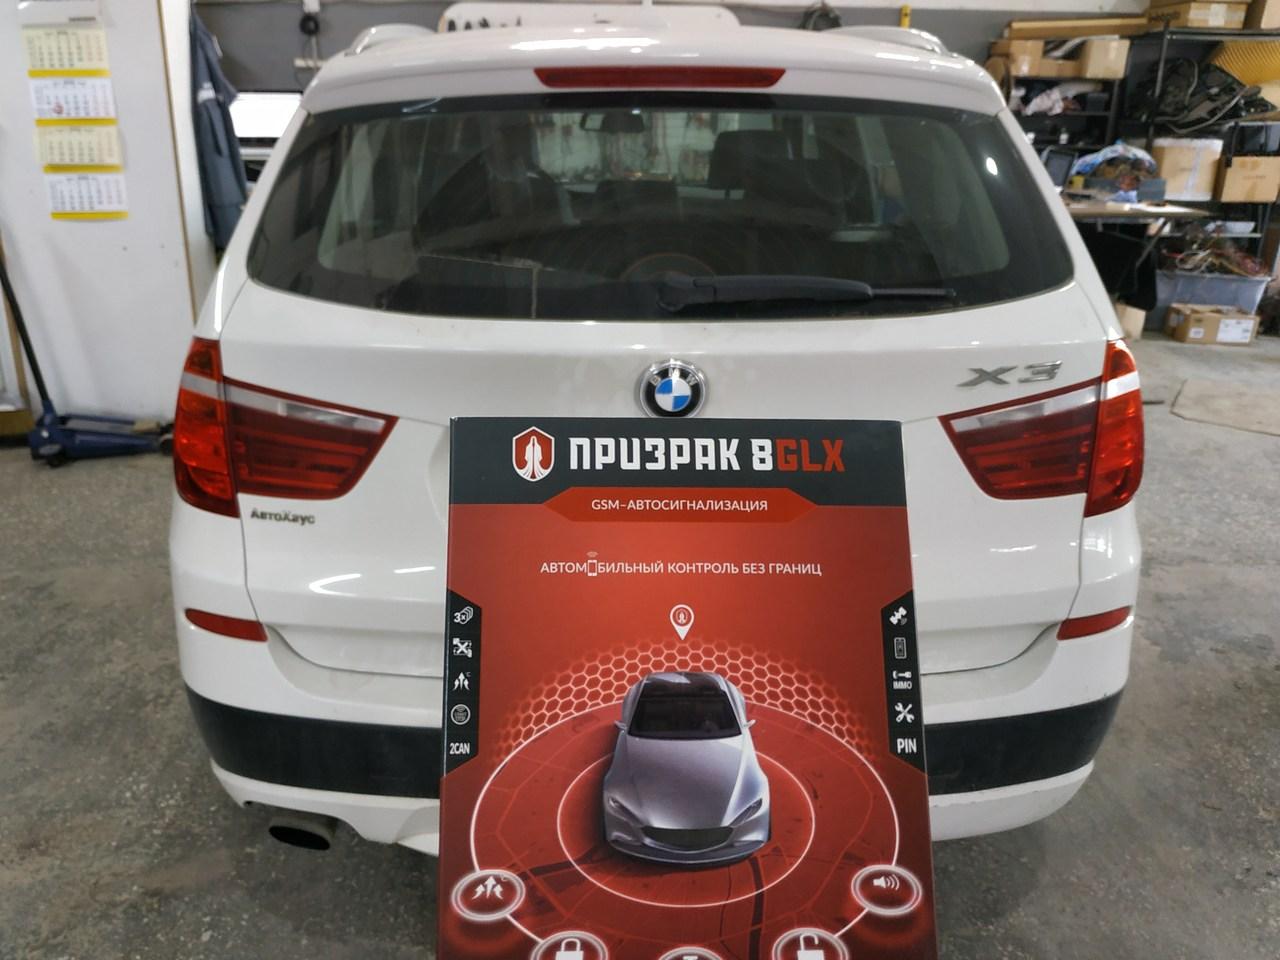 установка сигнализации Призрак, BMW X3 F25